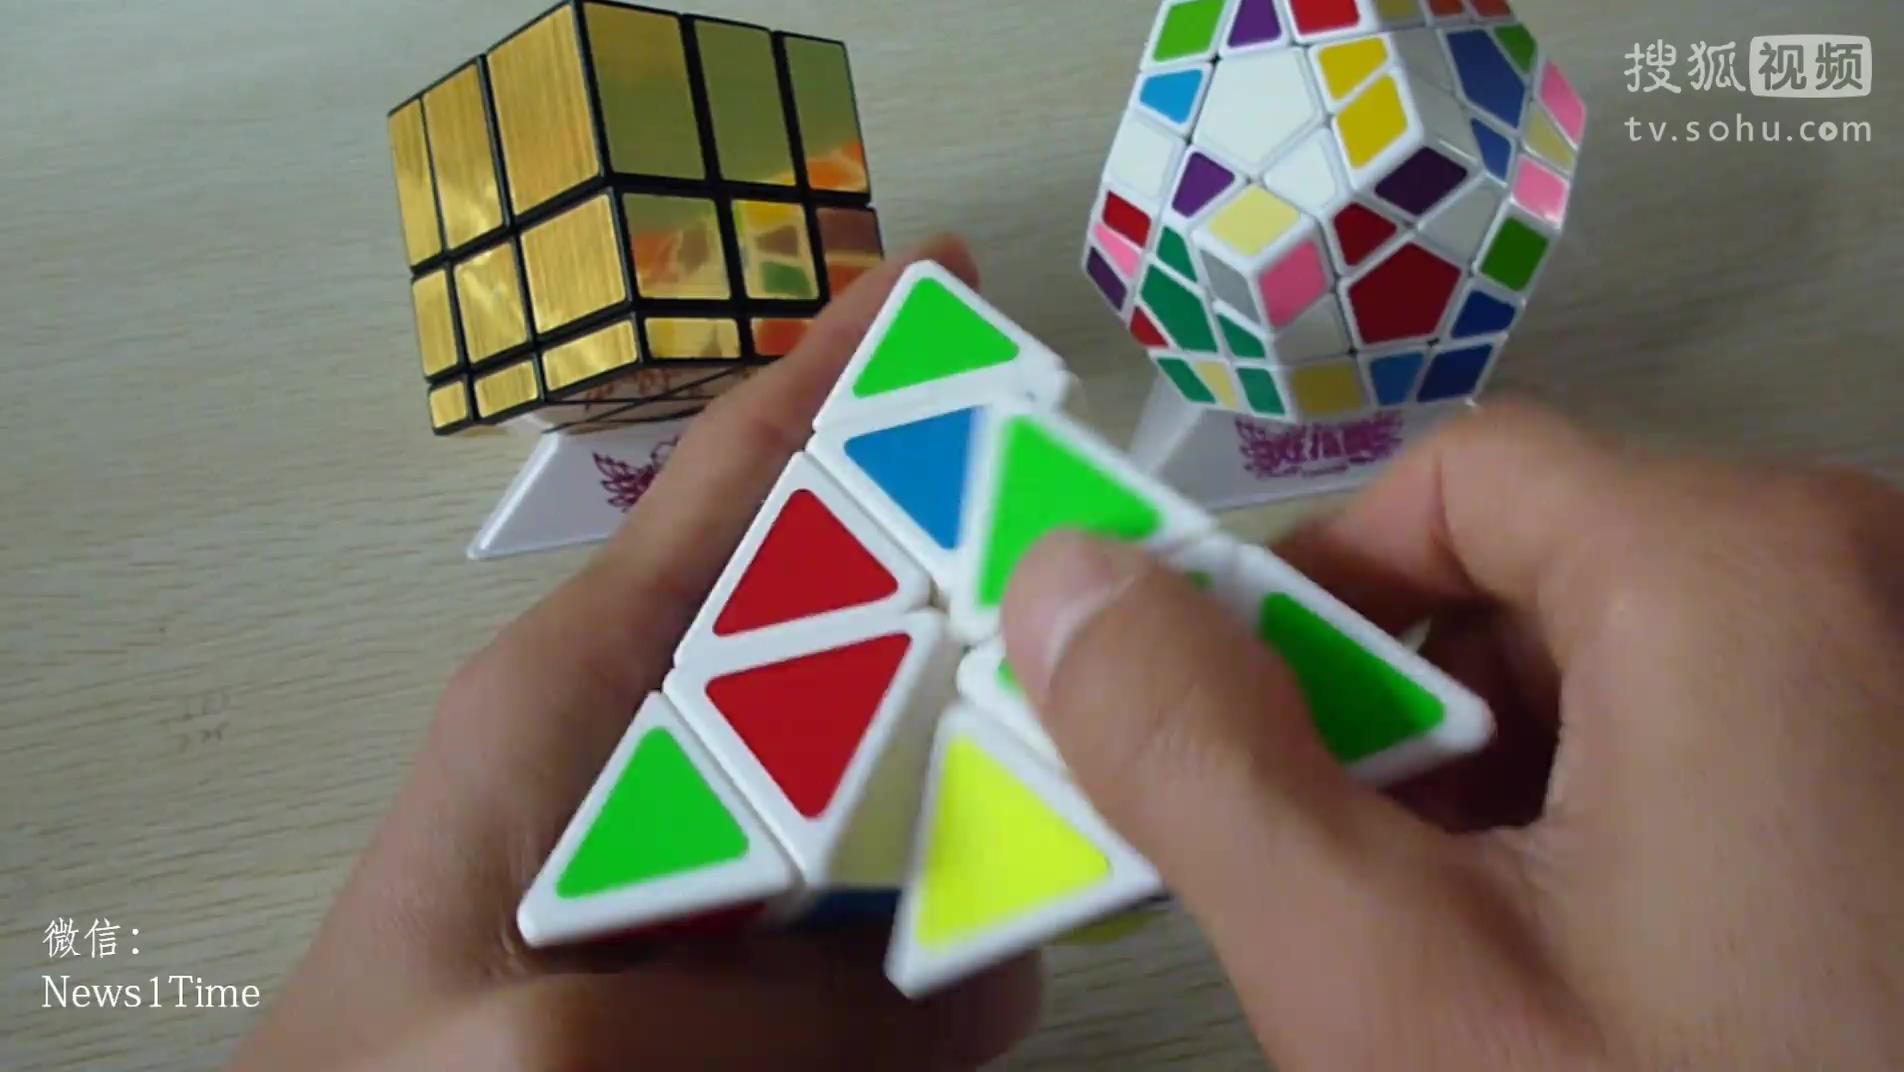 金字塔魔方教程一看就懂2